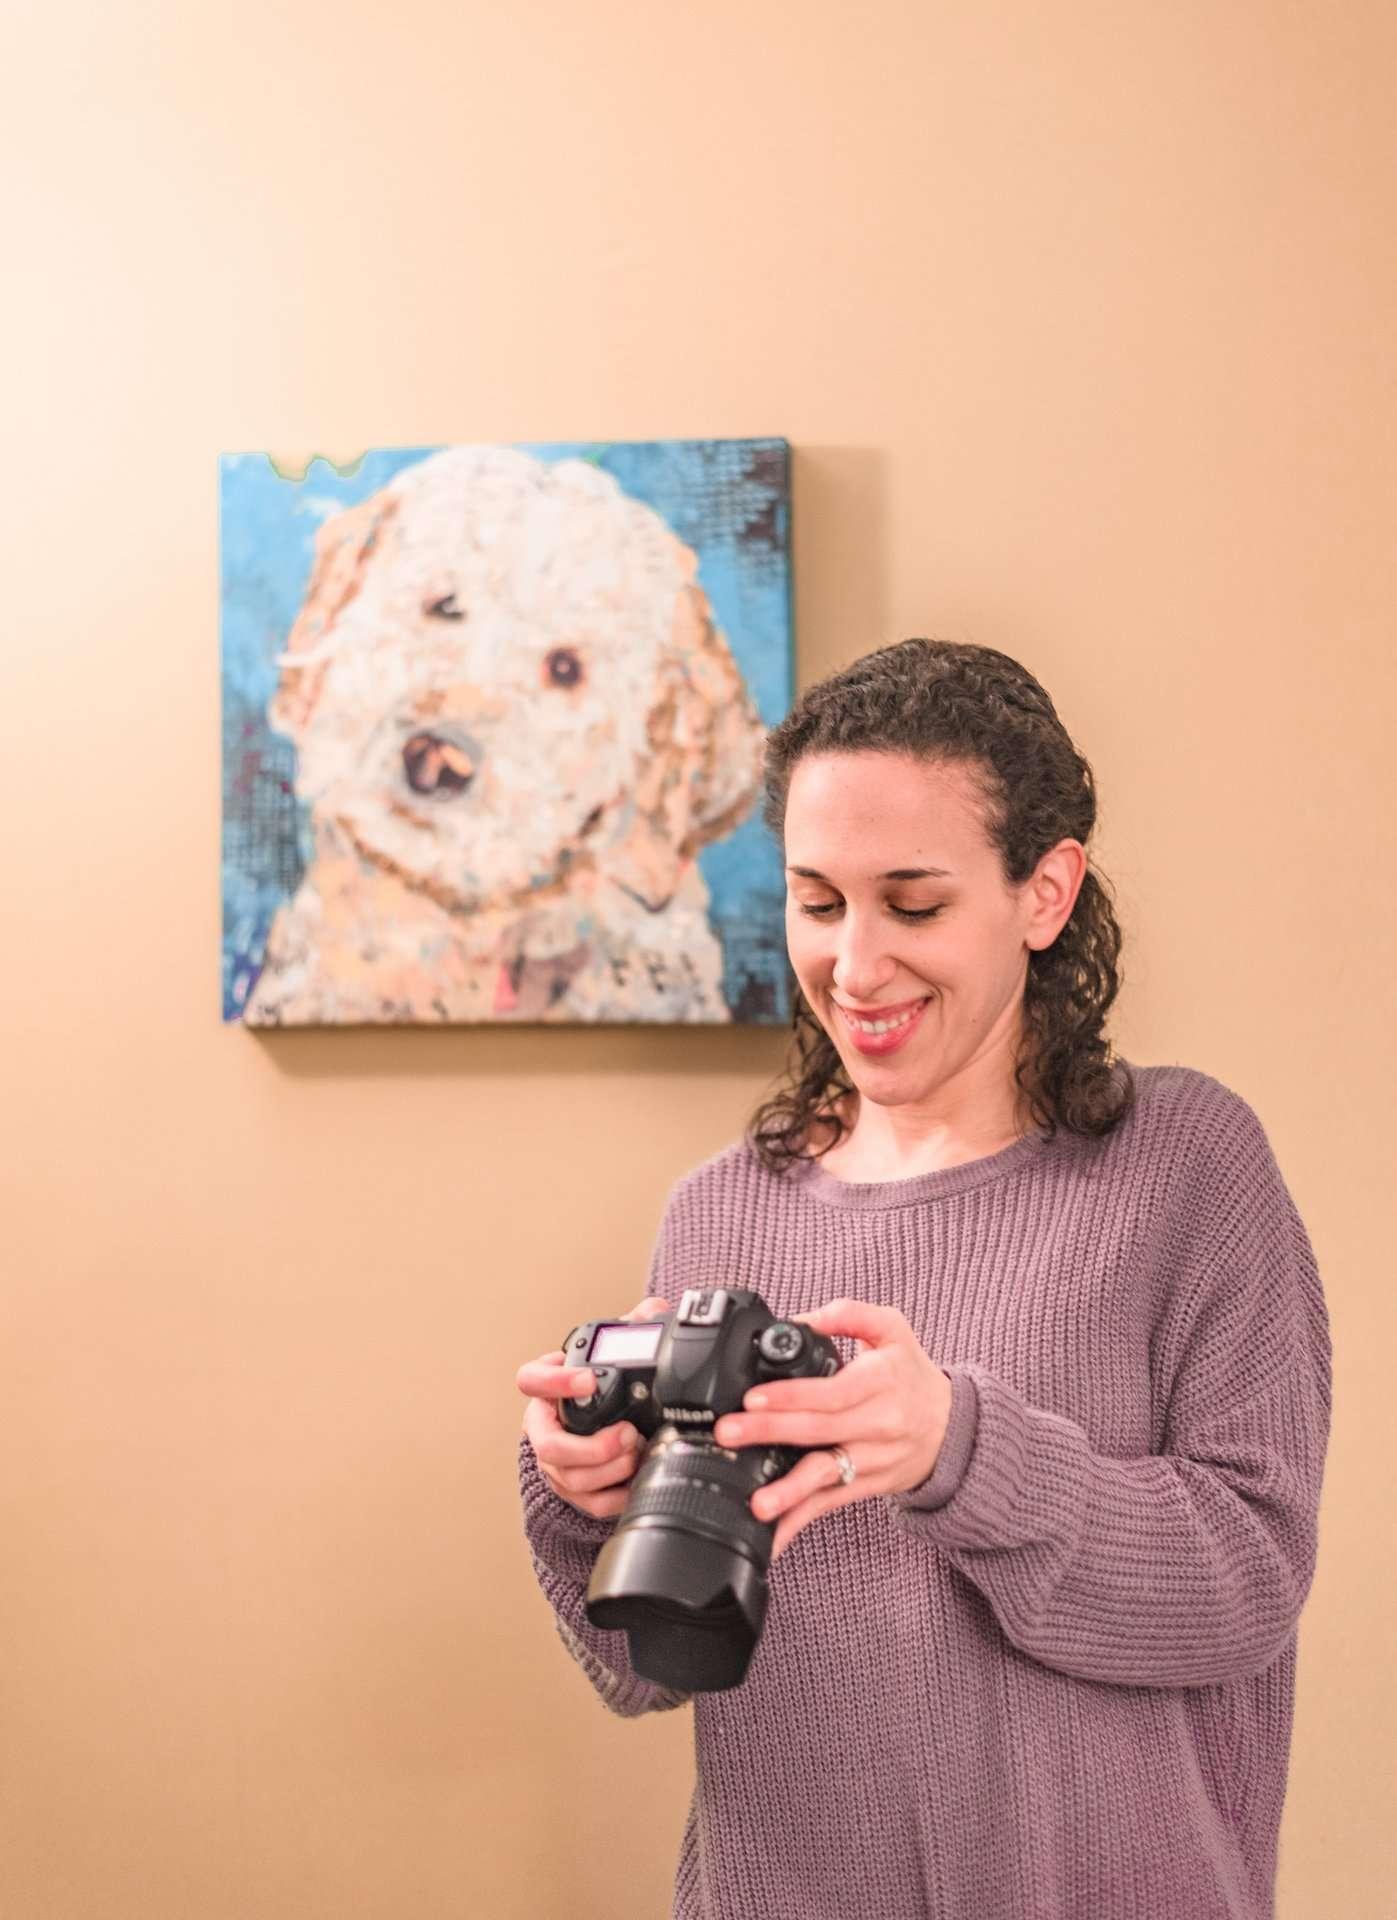 Checking photos on camera